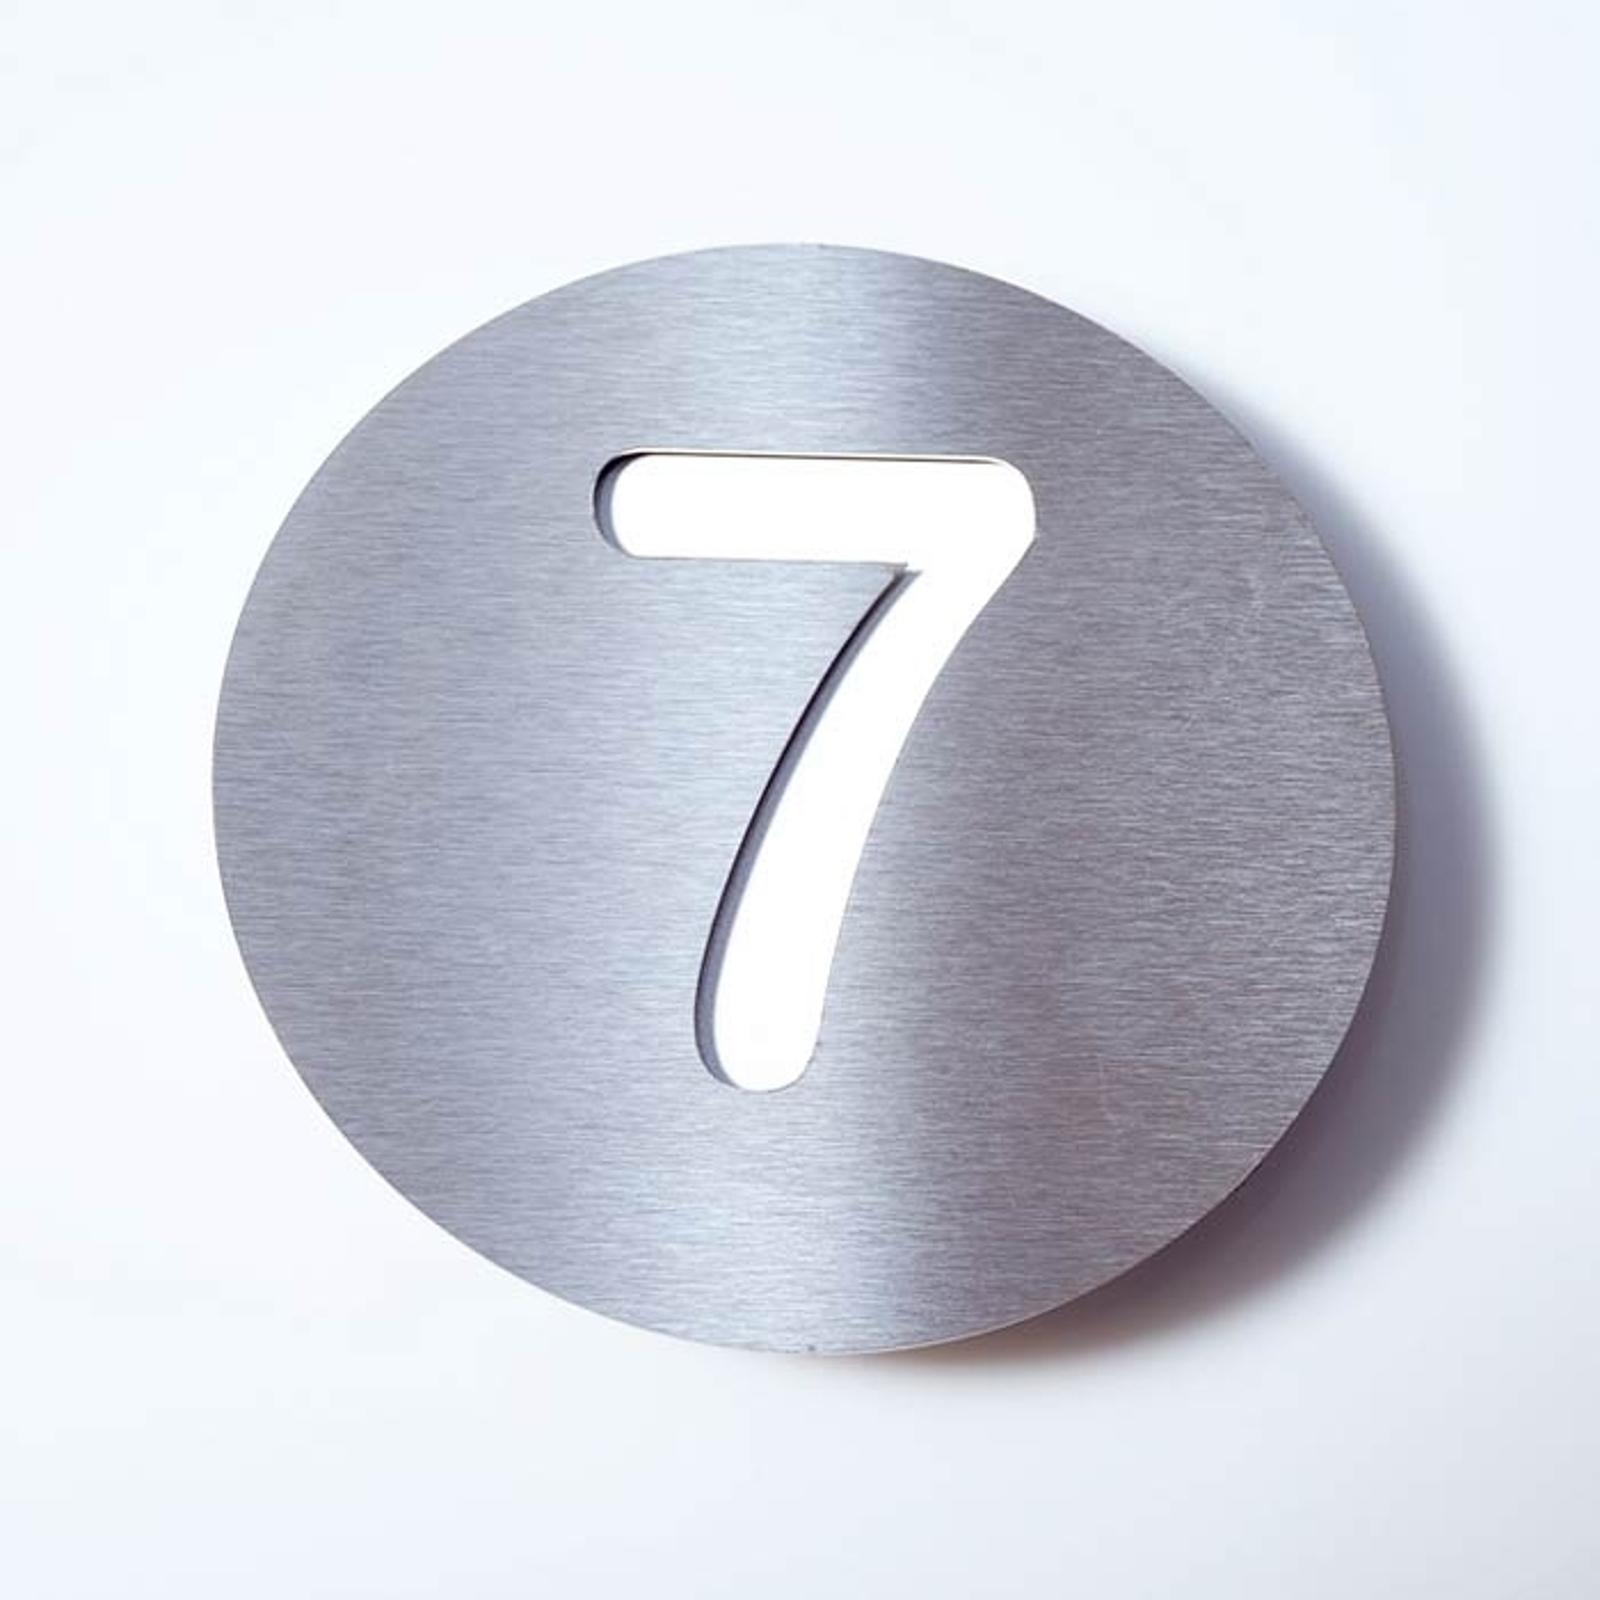 Número de casa Round de acero inoxidable - 7